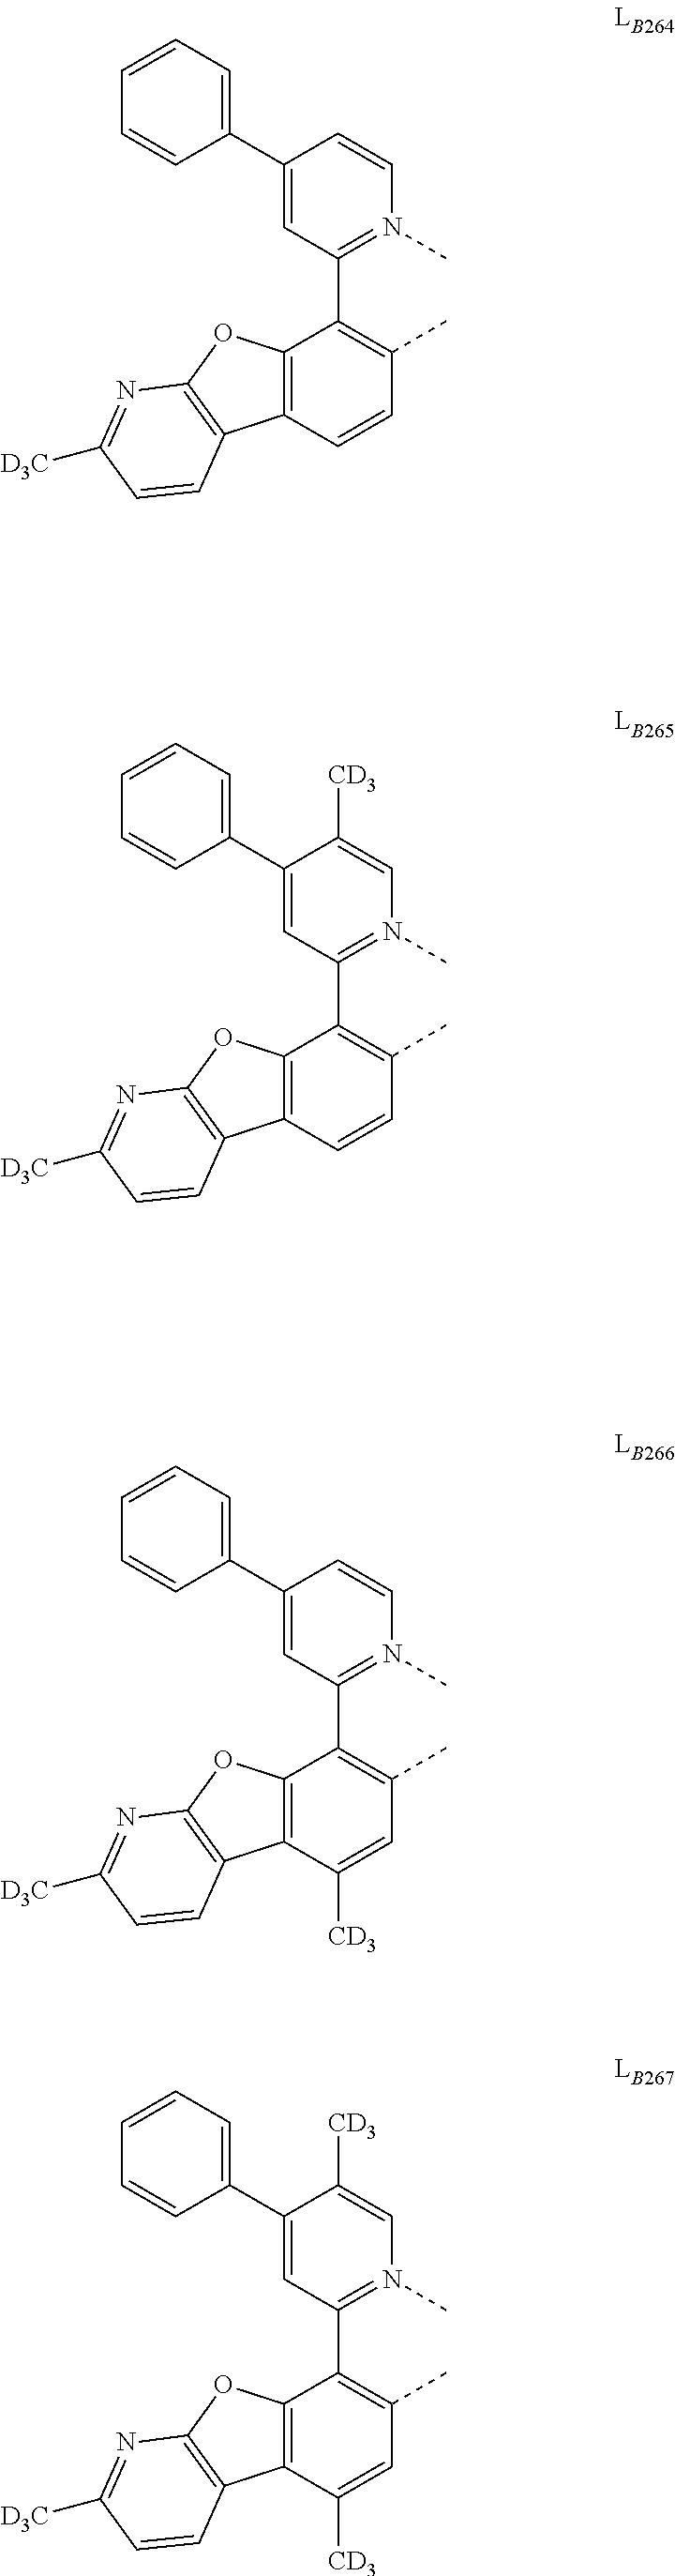 Figure US09929360-20180327-C00097